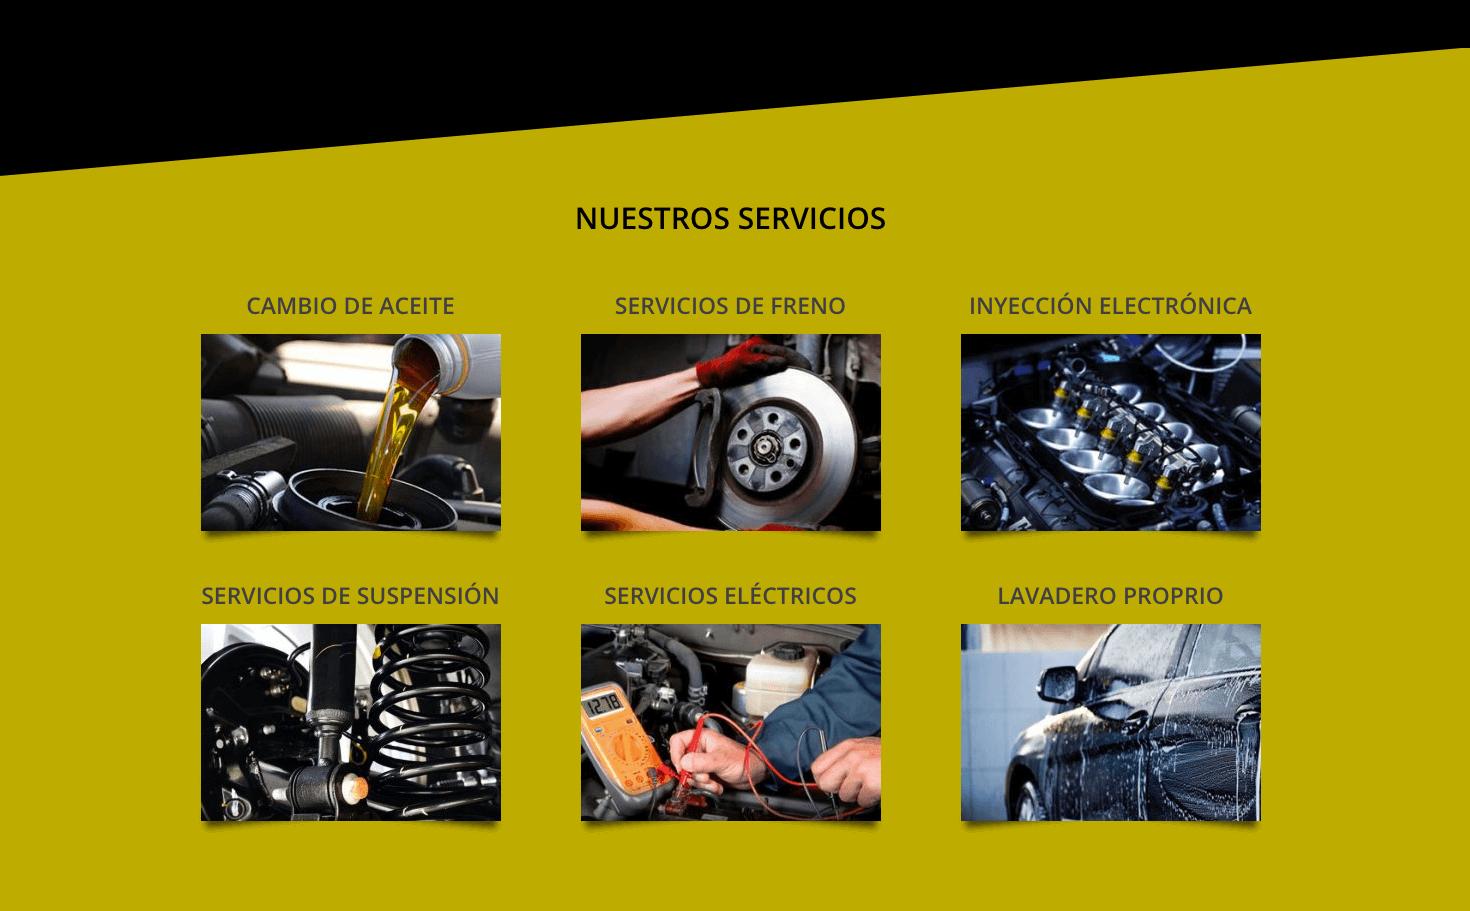 novo-site-del-rey-motors-servicos